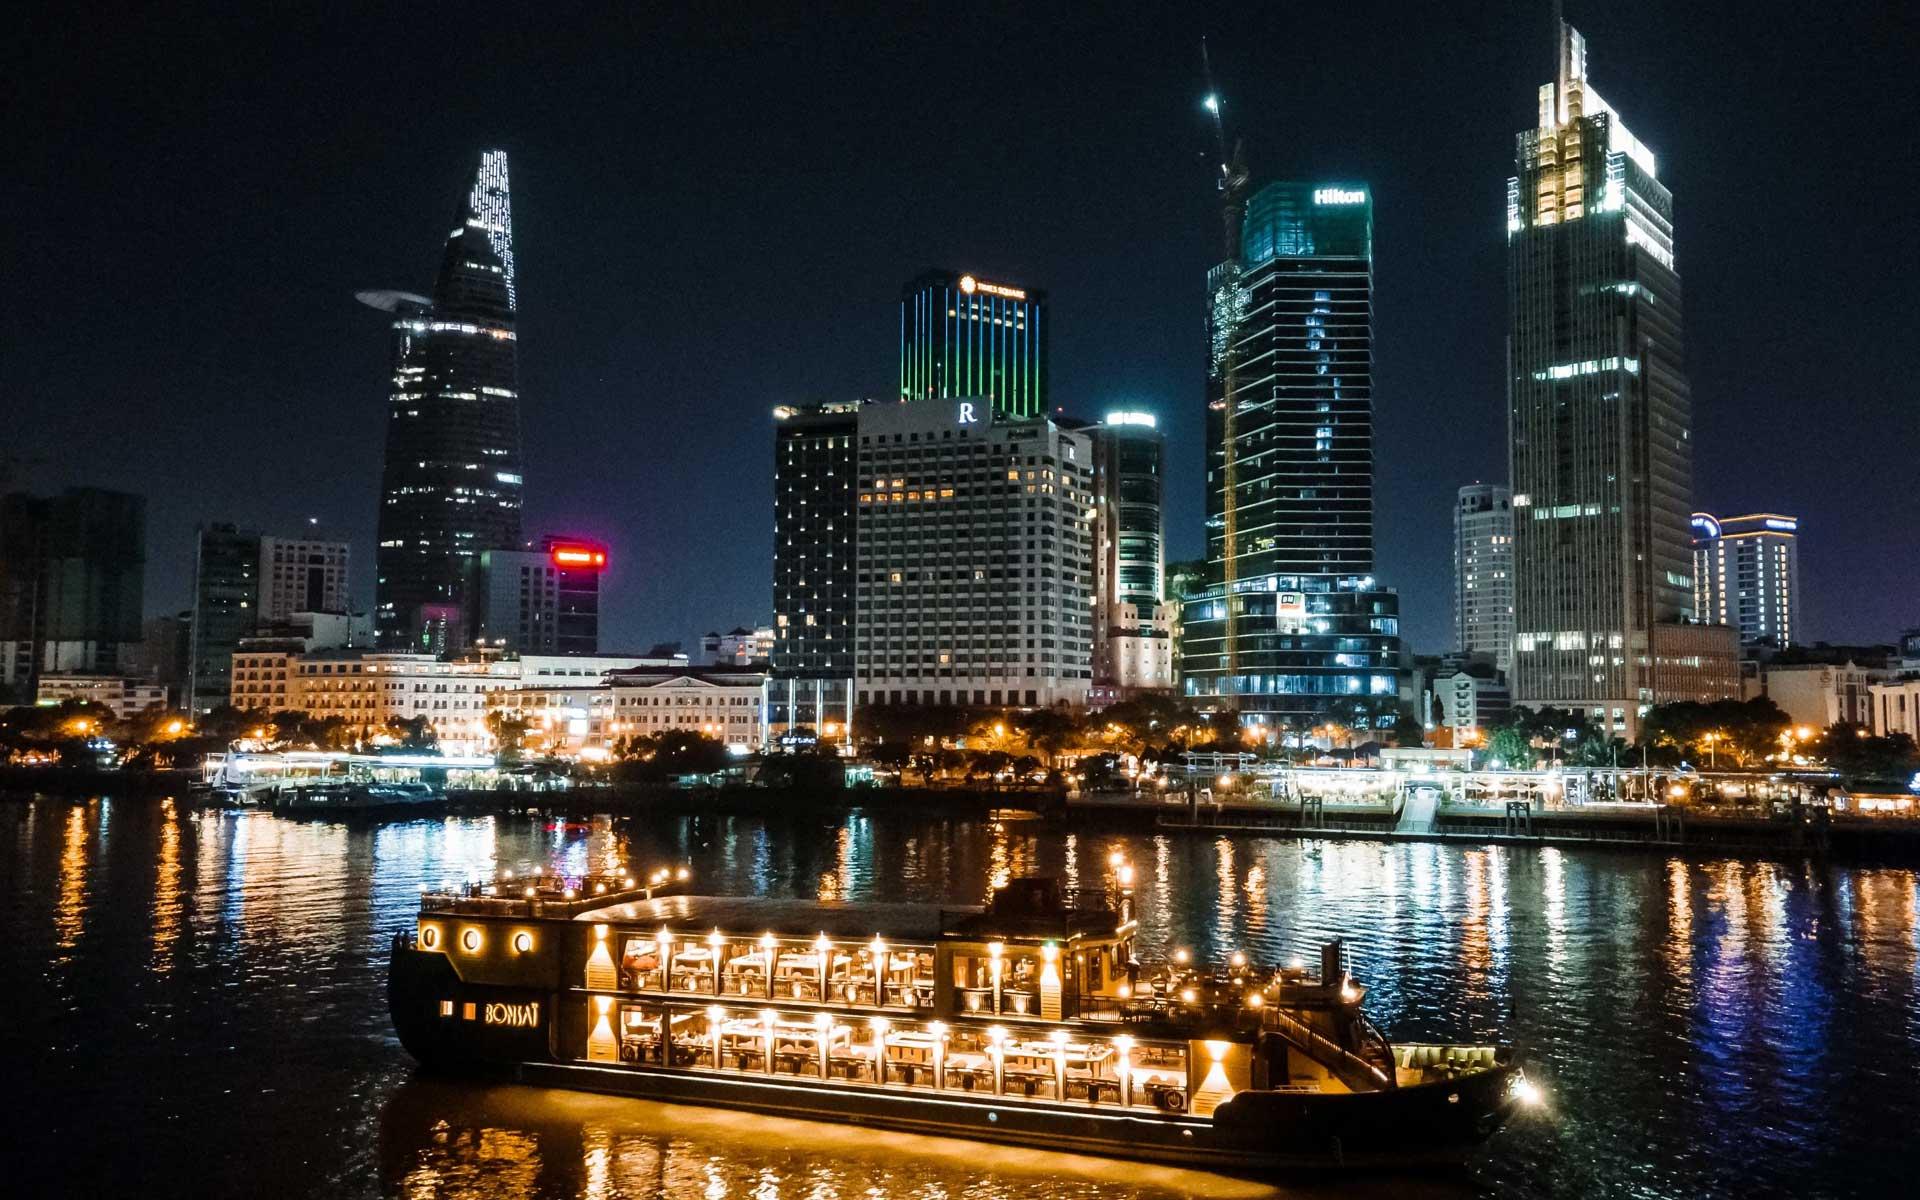 Cruise along Saigon River